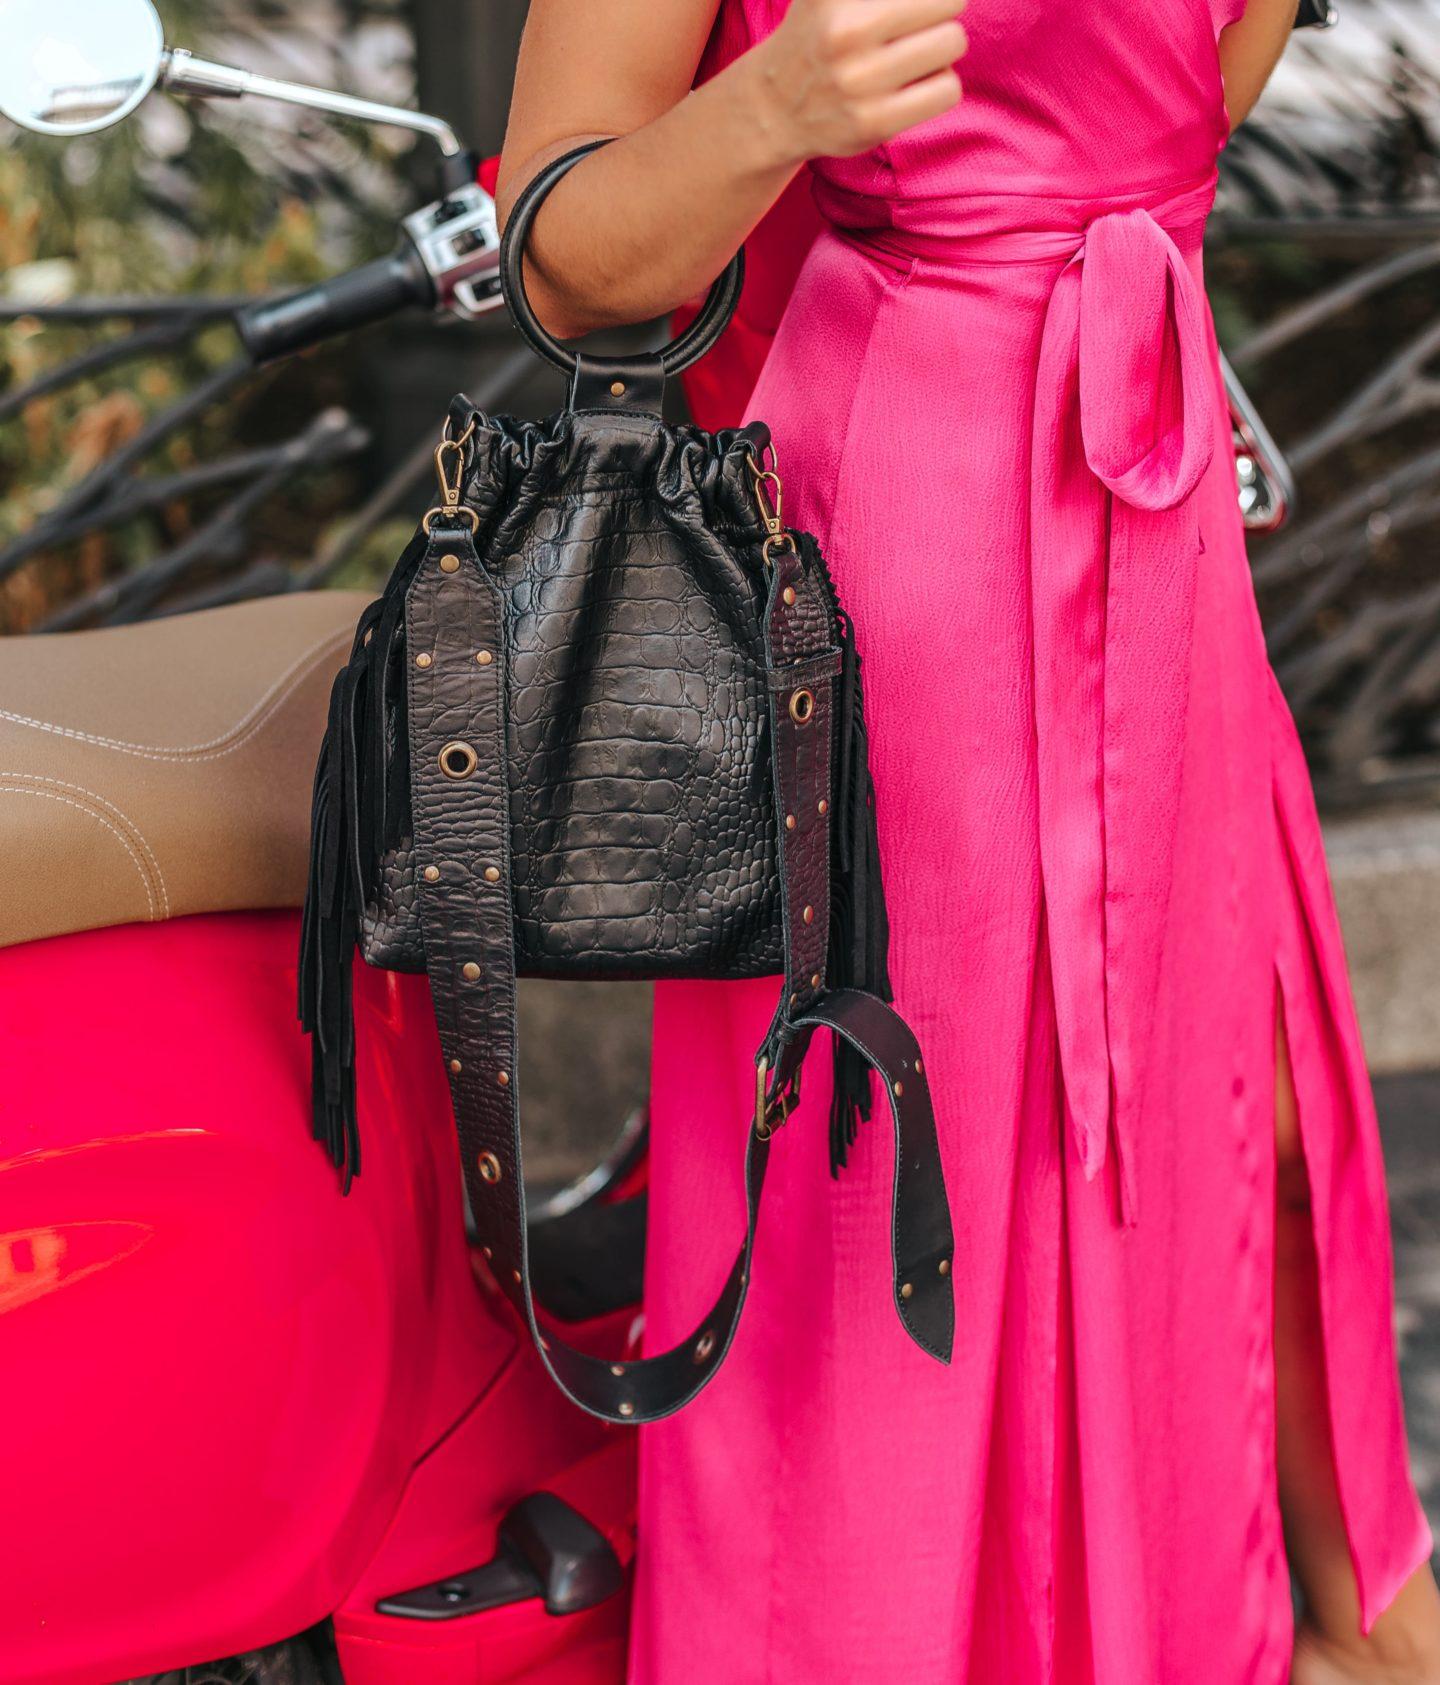 Maluan Maroquinerie, creatrice sac, cuir, avis